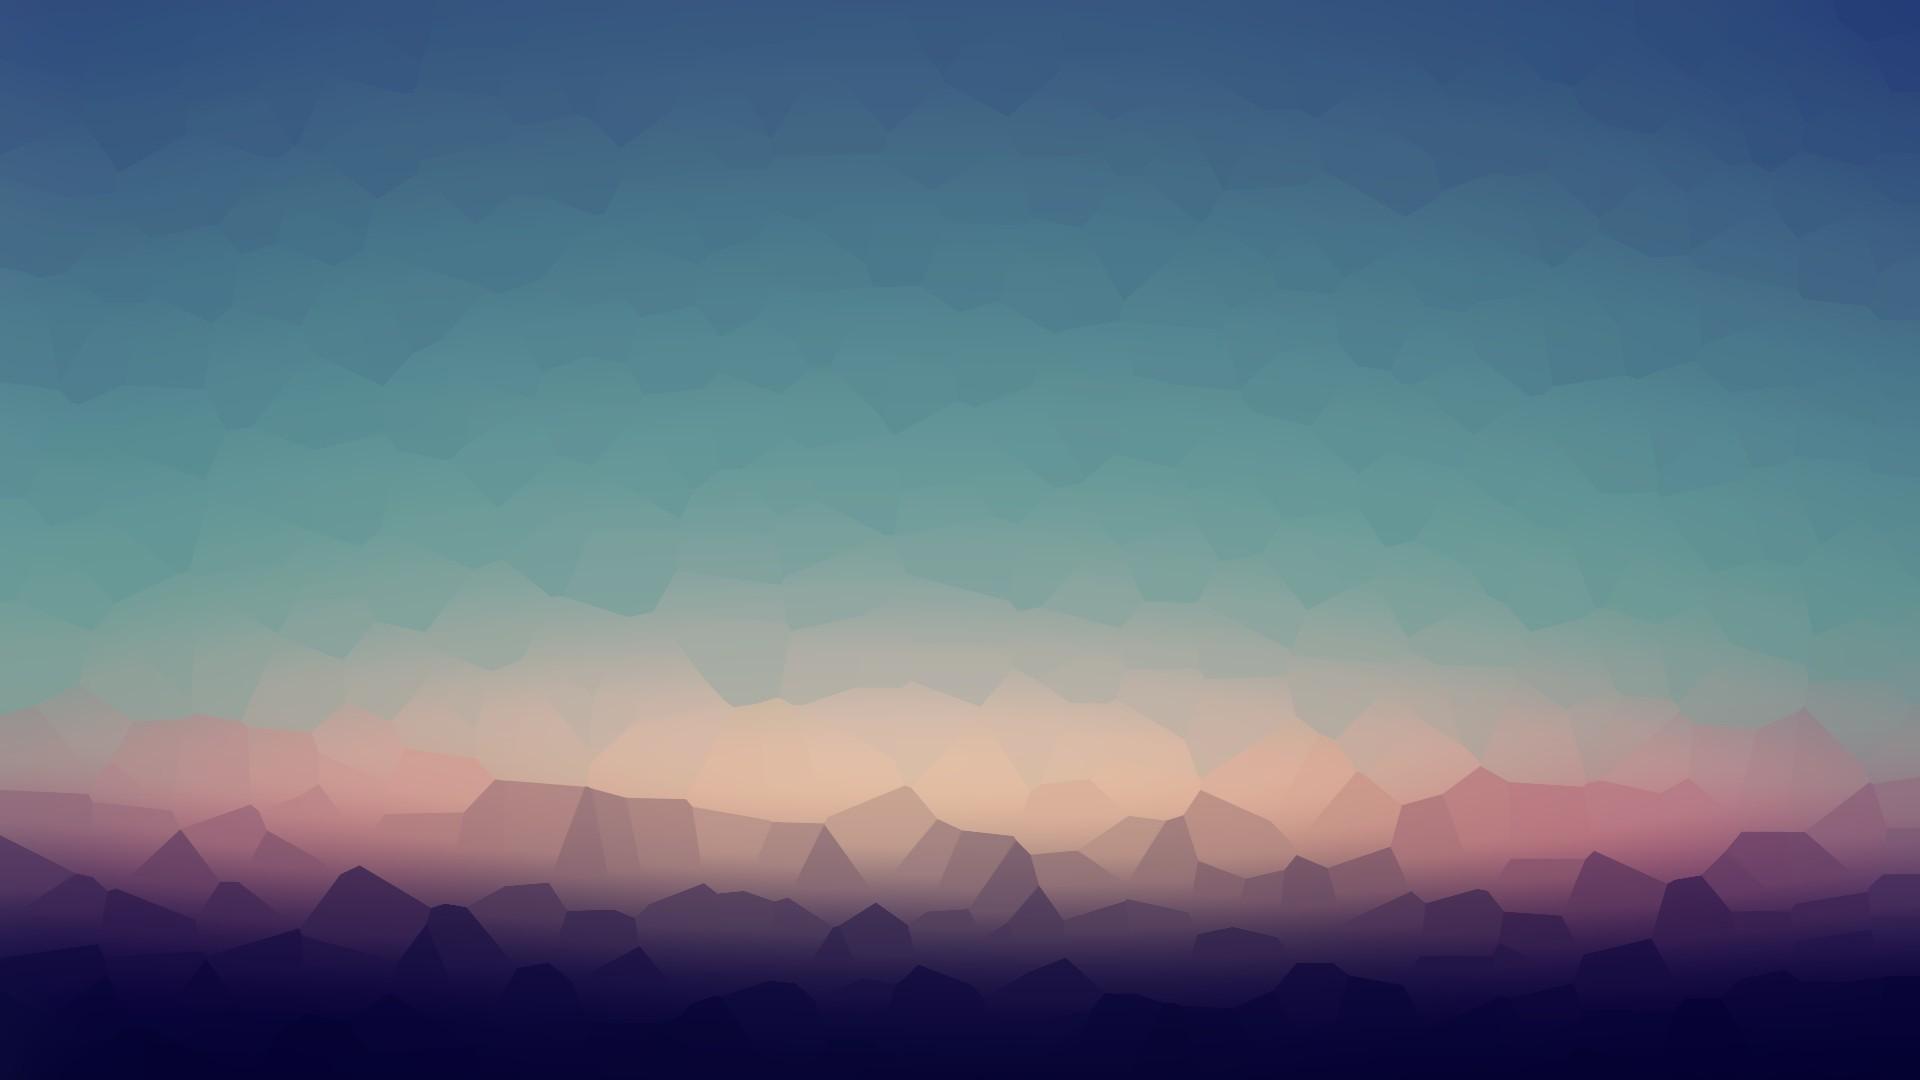 42 Simple Desktop Wallpaper Beautiful On Wallpapersafari